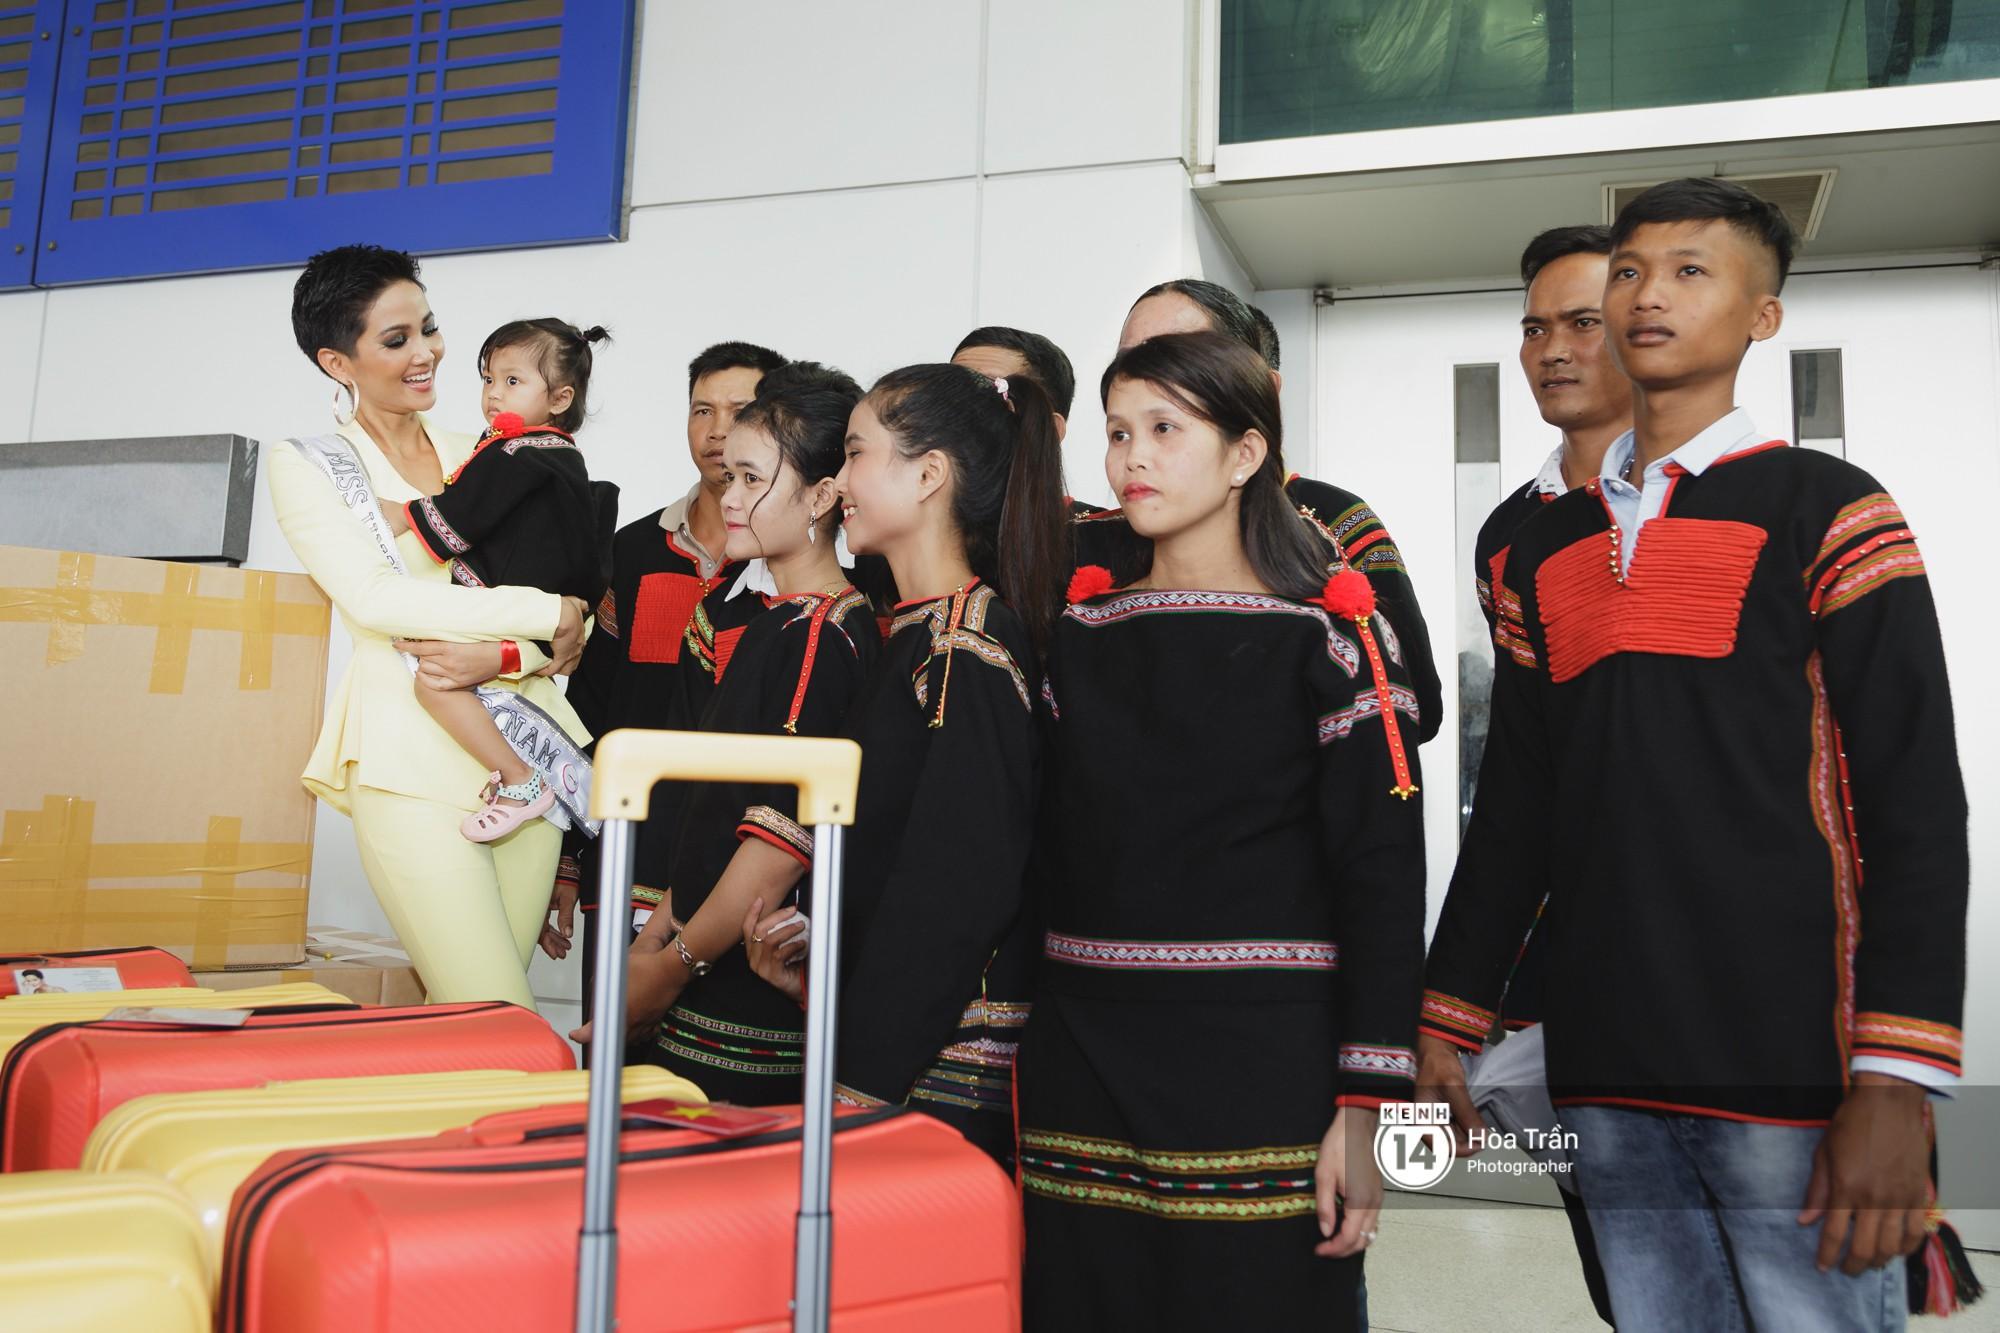 Gia đình HHen Niê diện trang phục người Ê-Đê, tiễn chân con gái bản làng đến Thái tham dự Miss Universe - Ảnh 10.